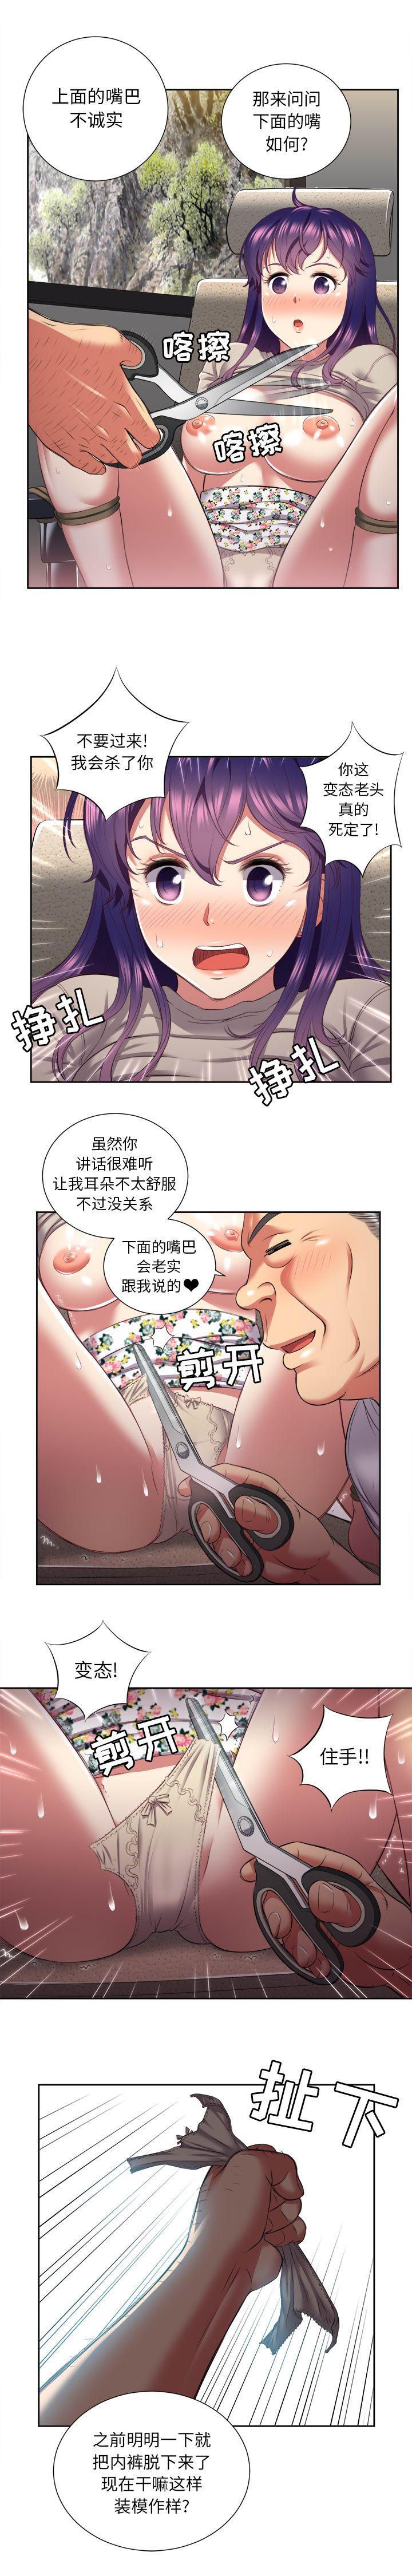 由莉的秘密1-60 中文翻译 (更新中) 167